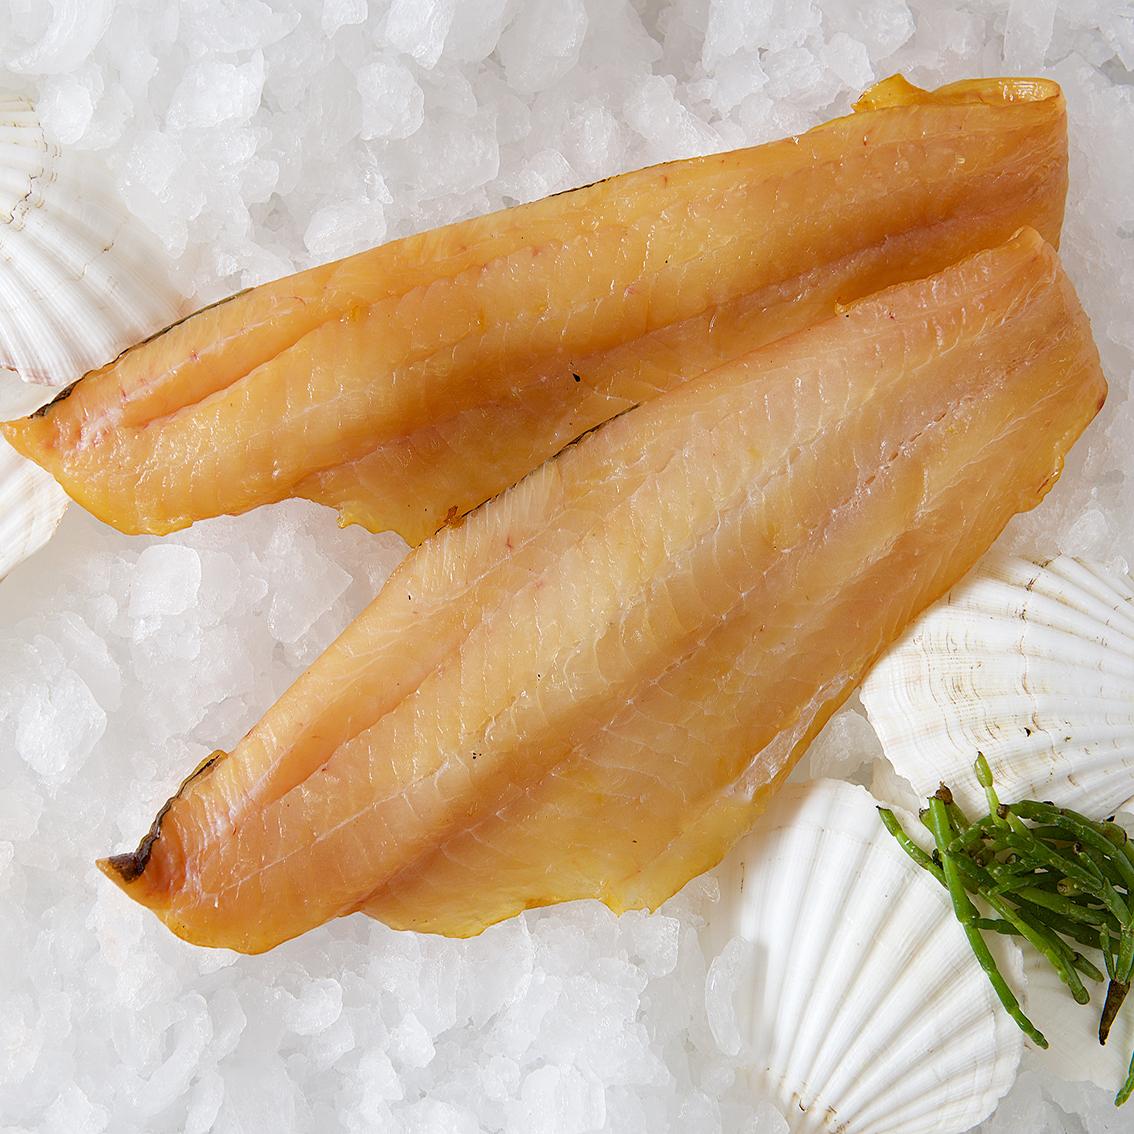 Natural Smoked Haddock